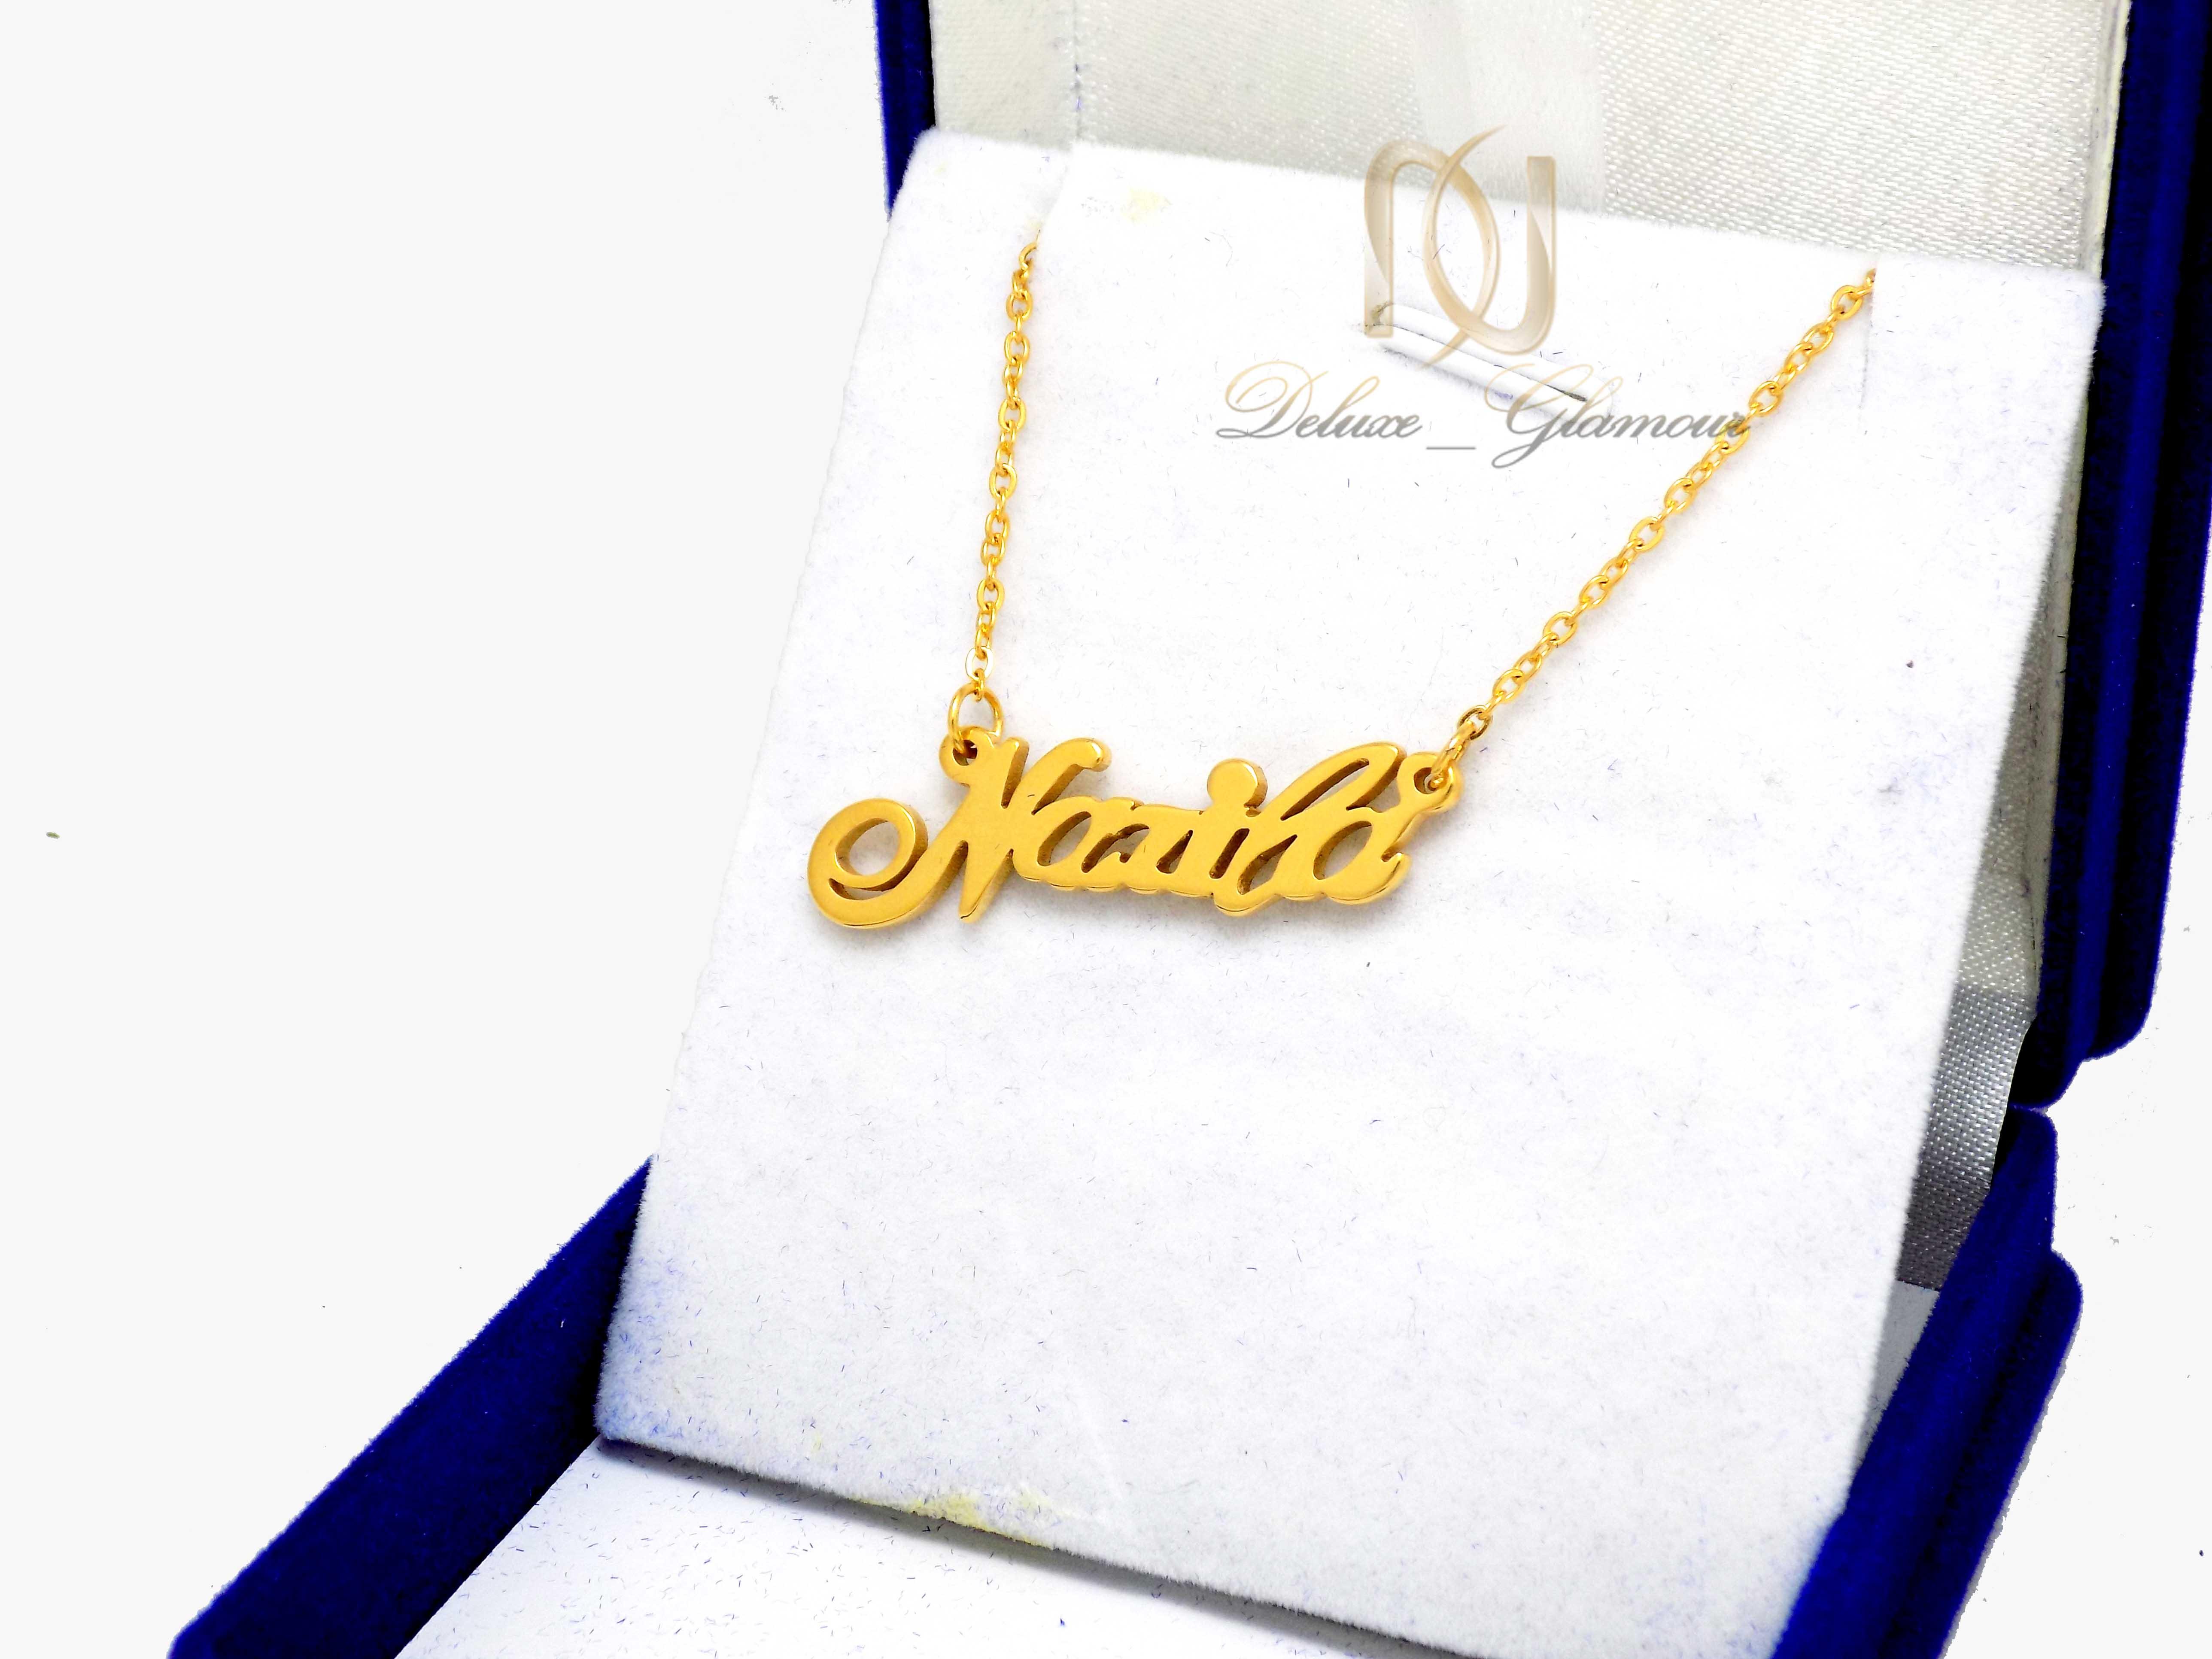 گردنبند اسم نازیلا لاتین استیل با روکش آب طلای 18 عیار nw-n220